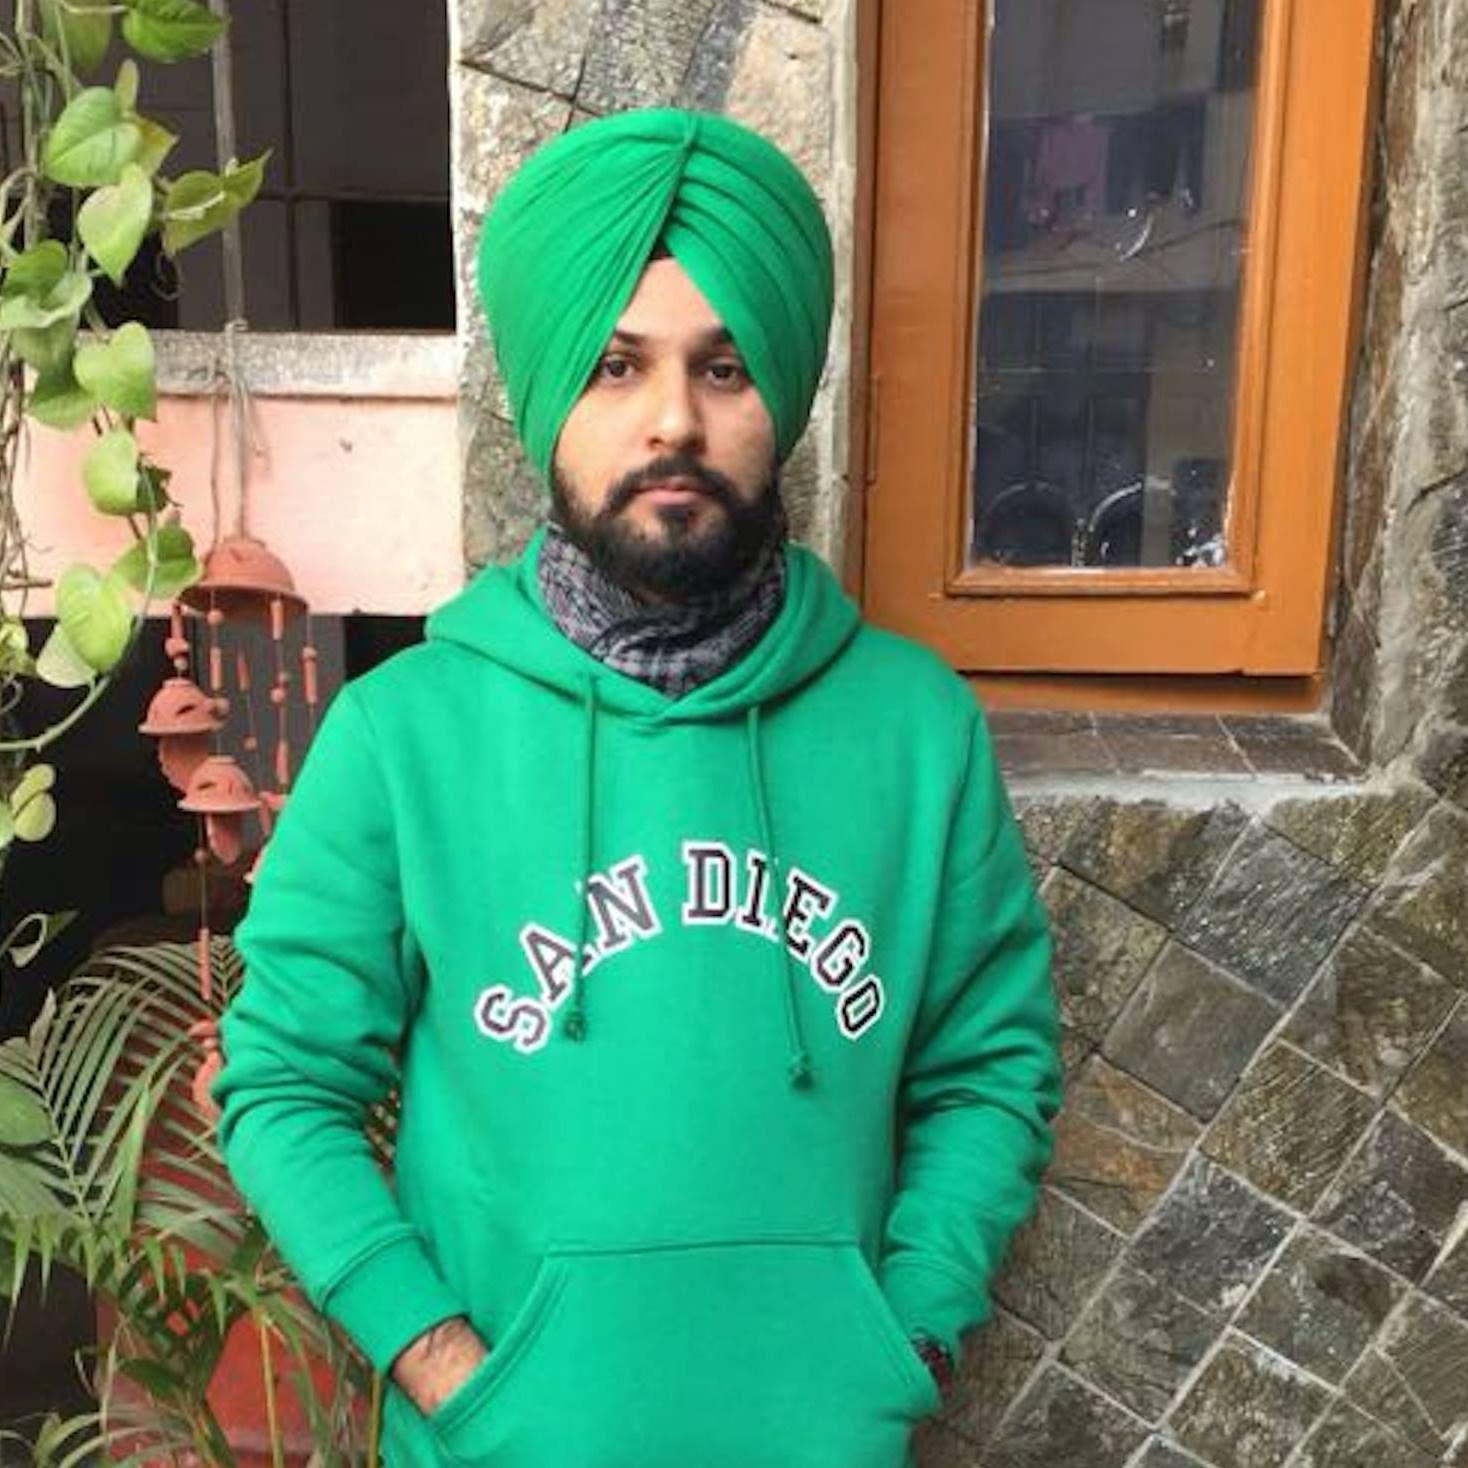 Inderdeep Singh